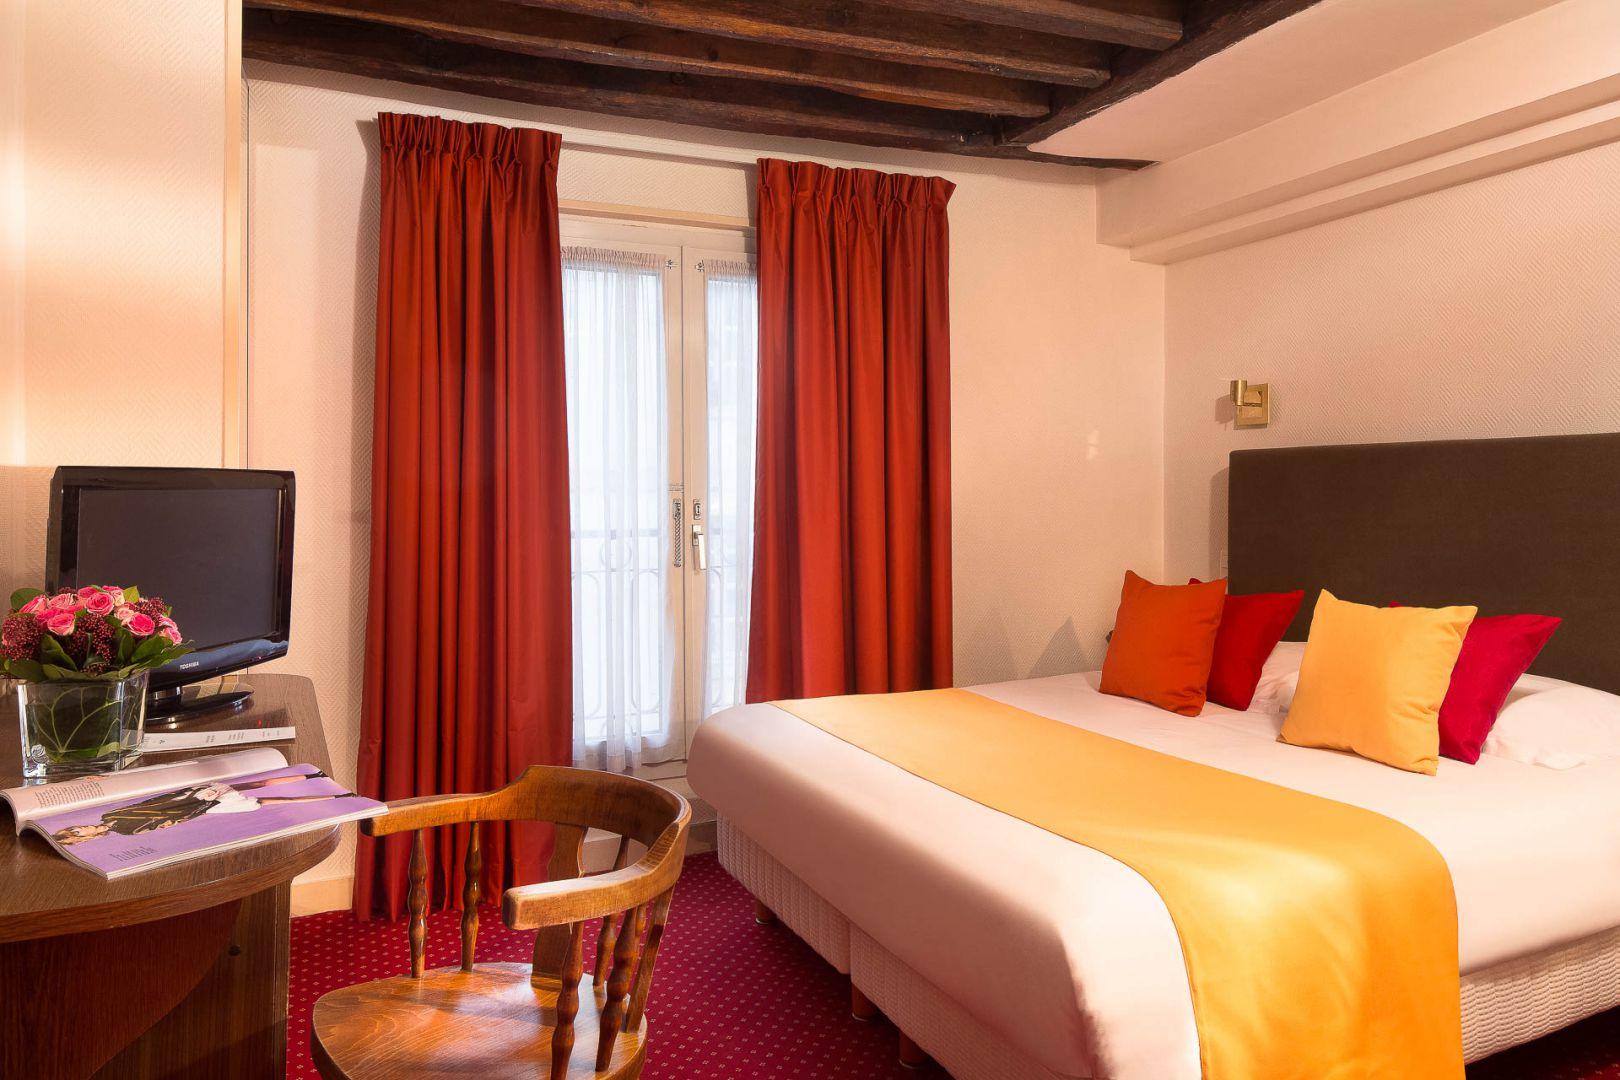 photos hotel saint roch hotel proche de l 39 eglise saint roch. Black Bedroom Furniture Sets. Home Design Ideas